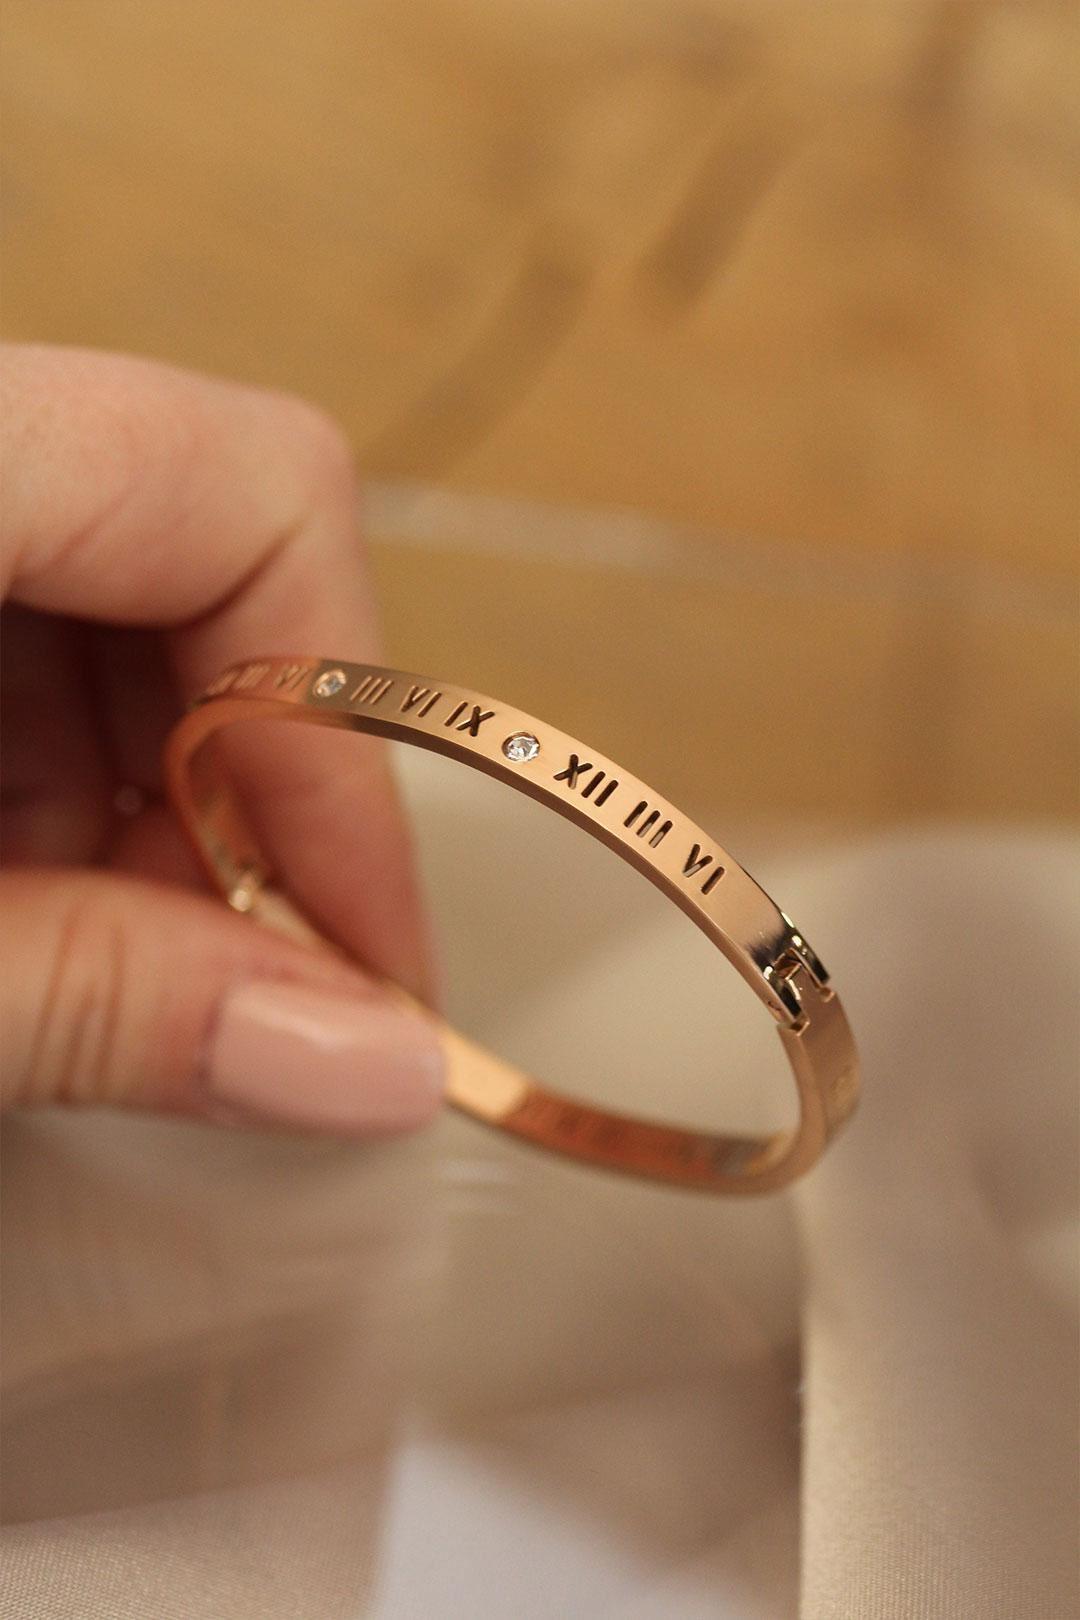 Roma Rakamlı Rose Renk Cartier Çelik Bilezik